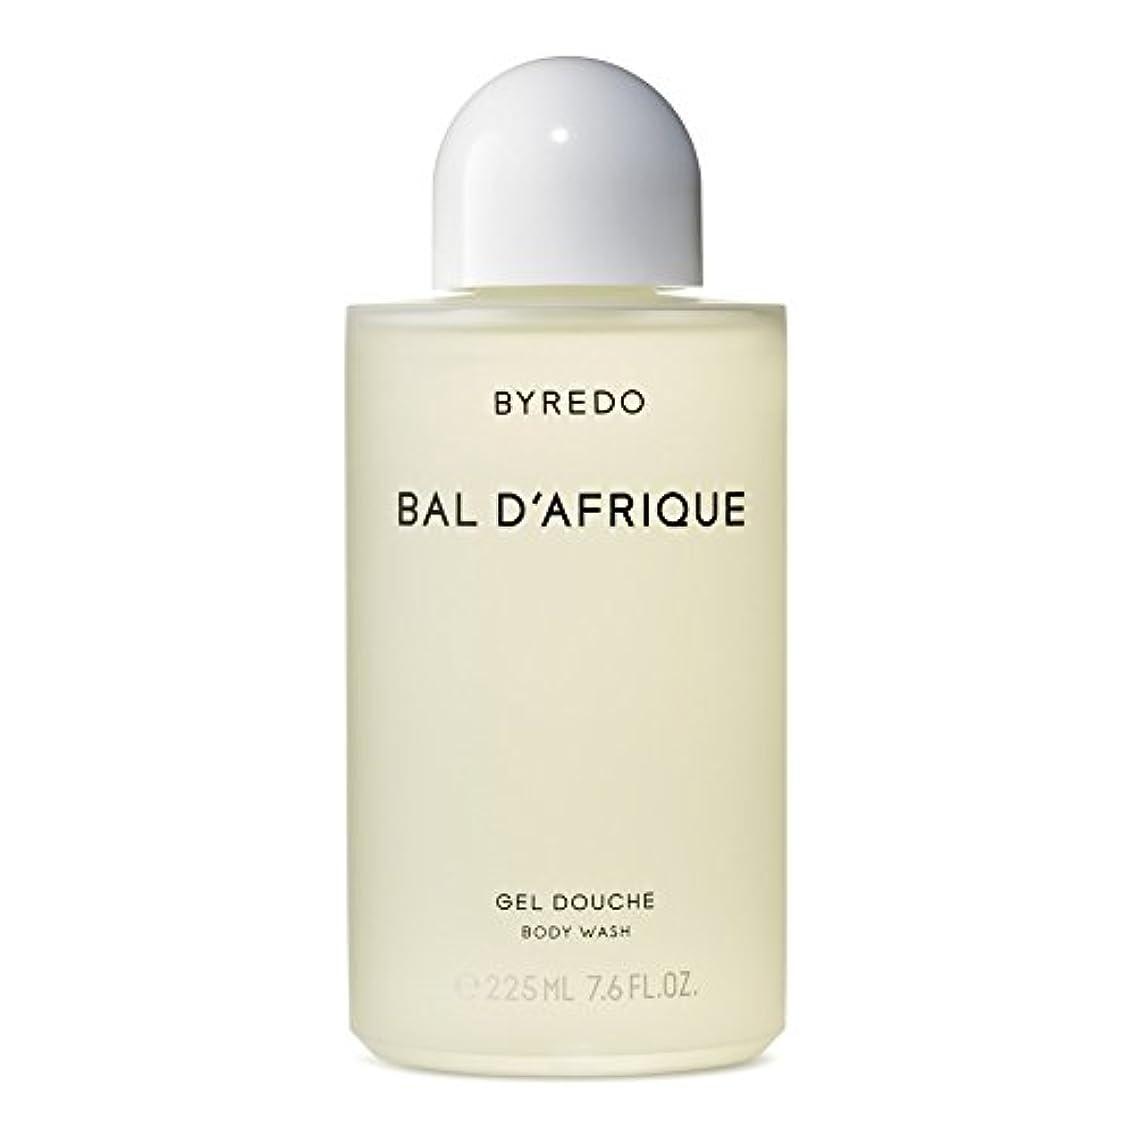 ビスケットブリッジ過激派Byredo Bal d'Afrique Body Wash 225ml - 'のボディウォッシュ225ミリリットル [並行輸入品]